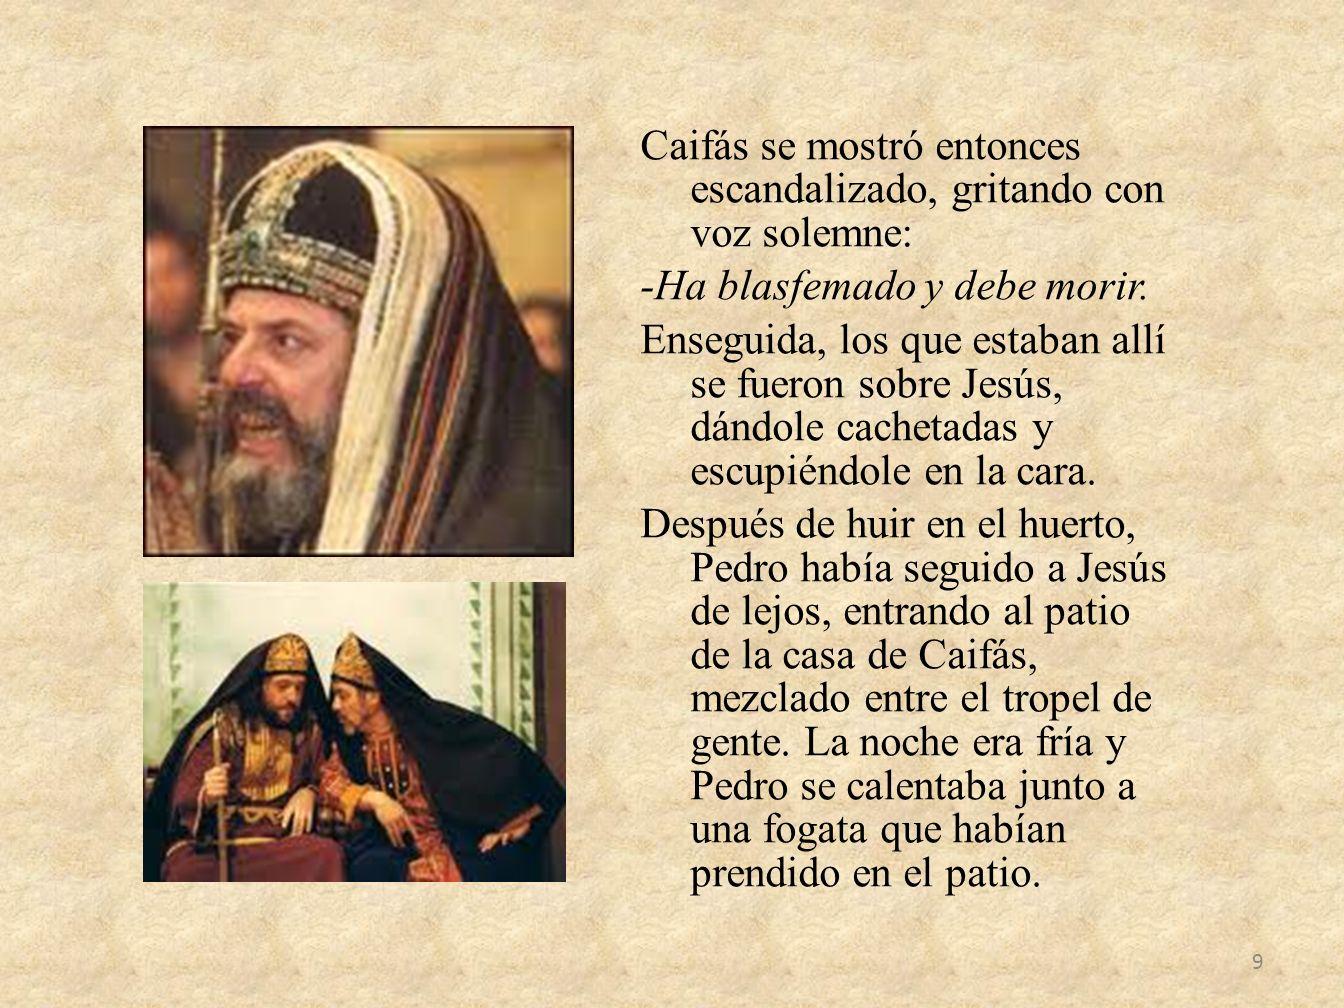 Caifás se mostró entonces escandalizado, gritando con voz solemne: -Ha blasfemado y debe morir. Enseguida, los que estaban allí se fueron sobre Jesús,